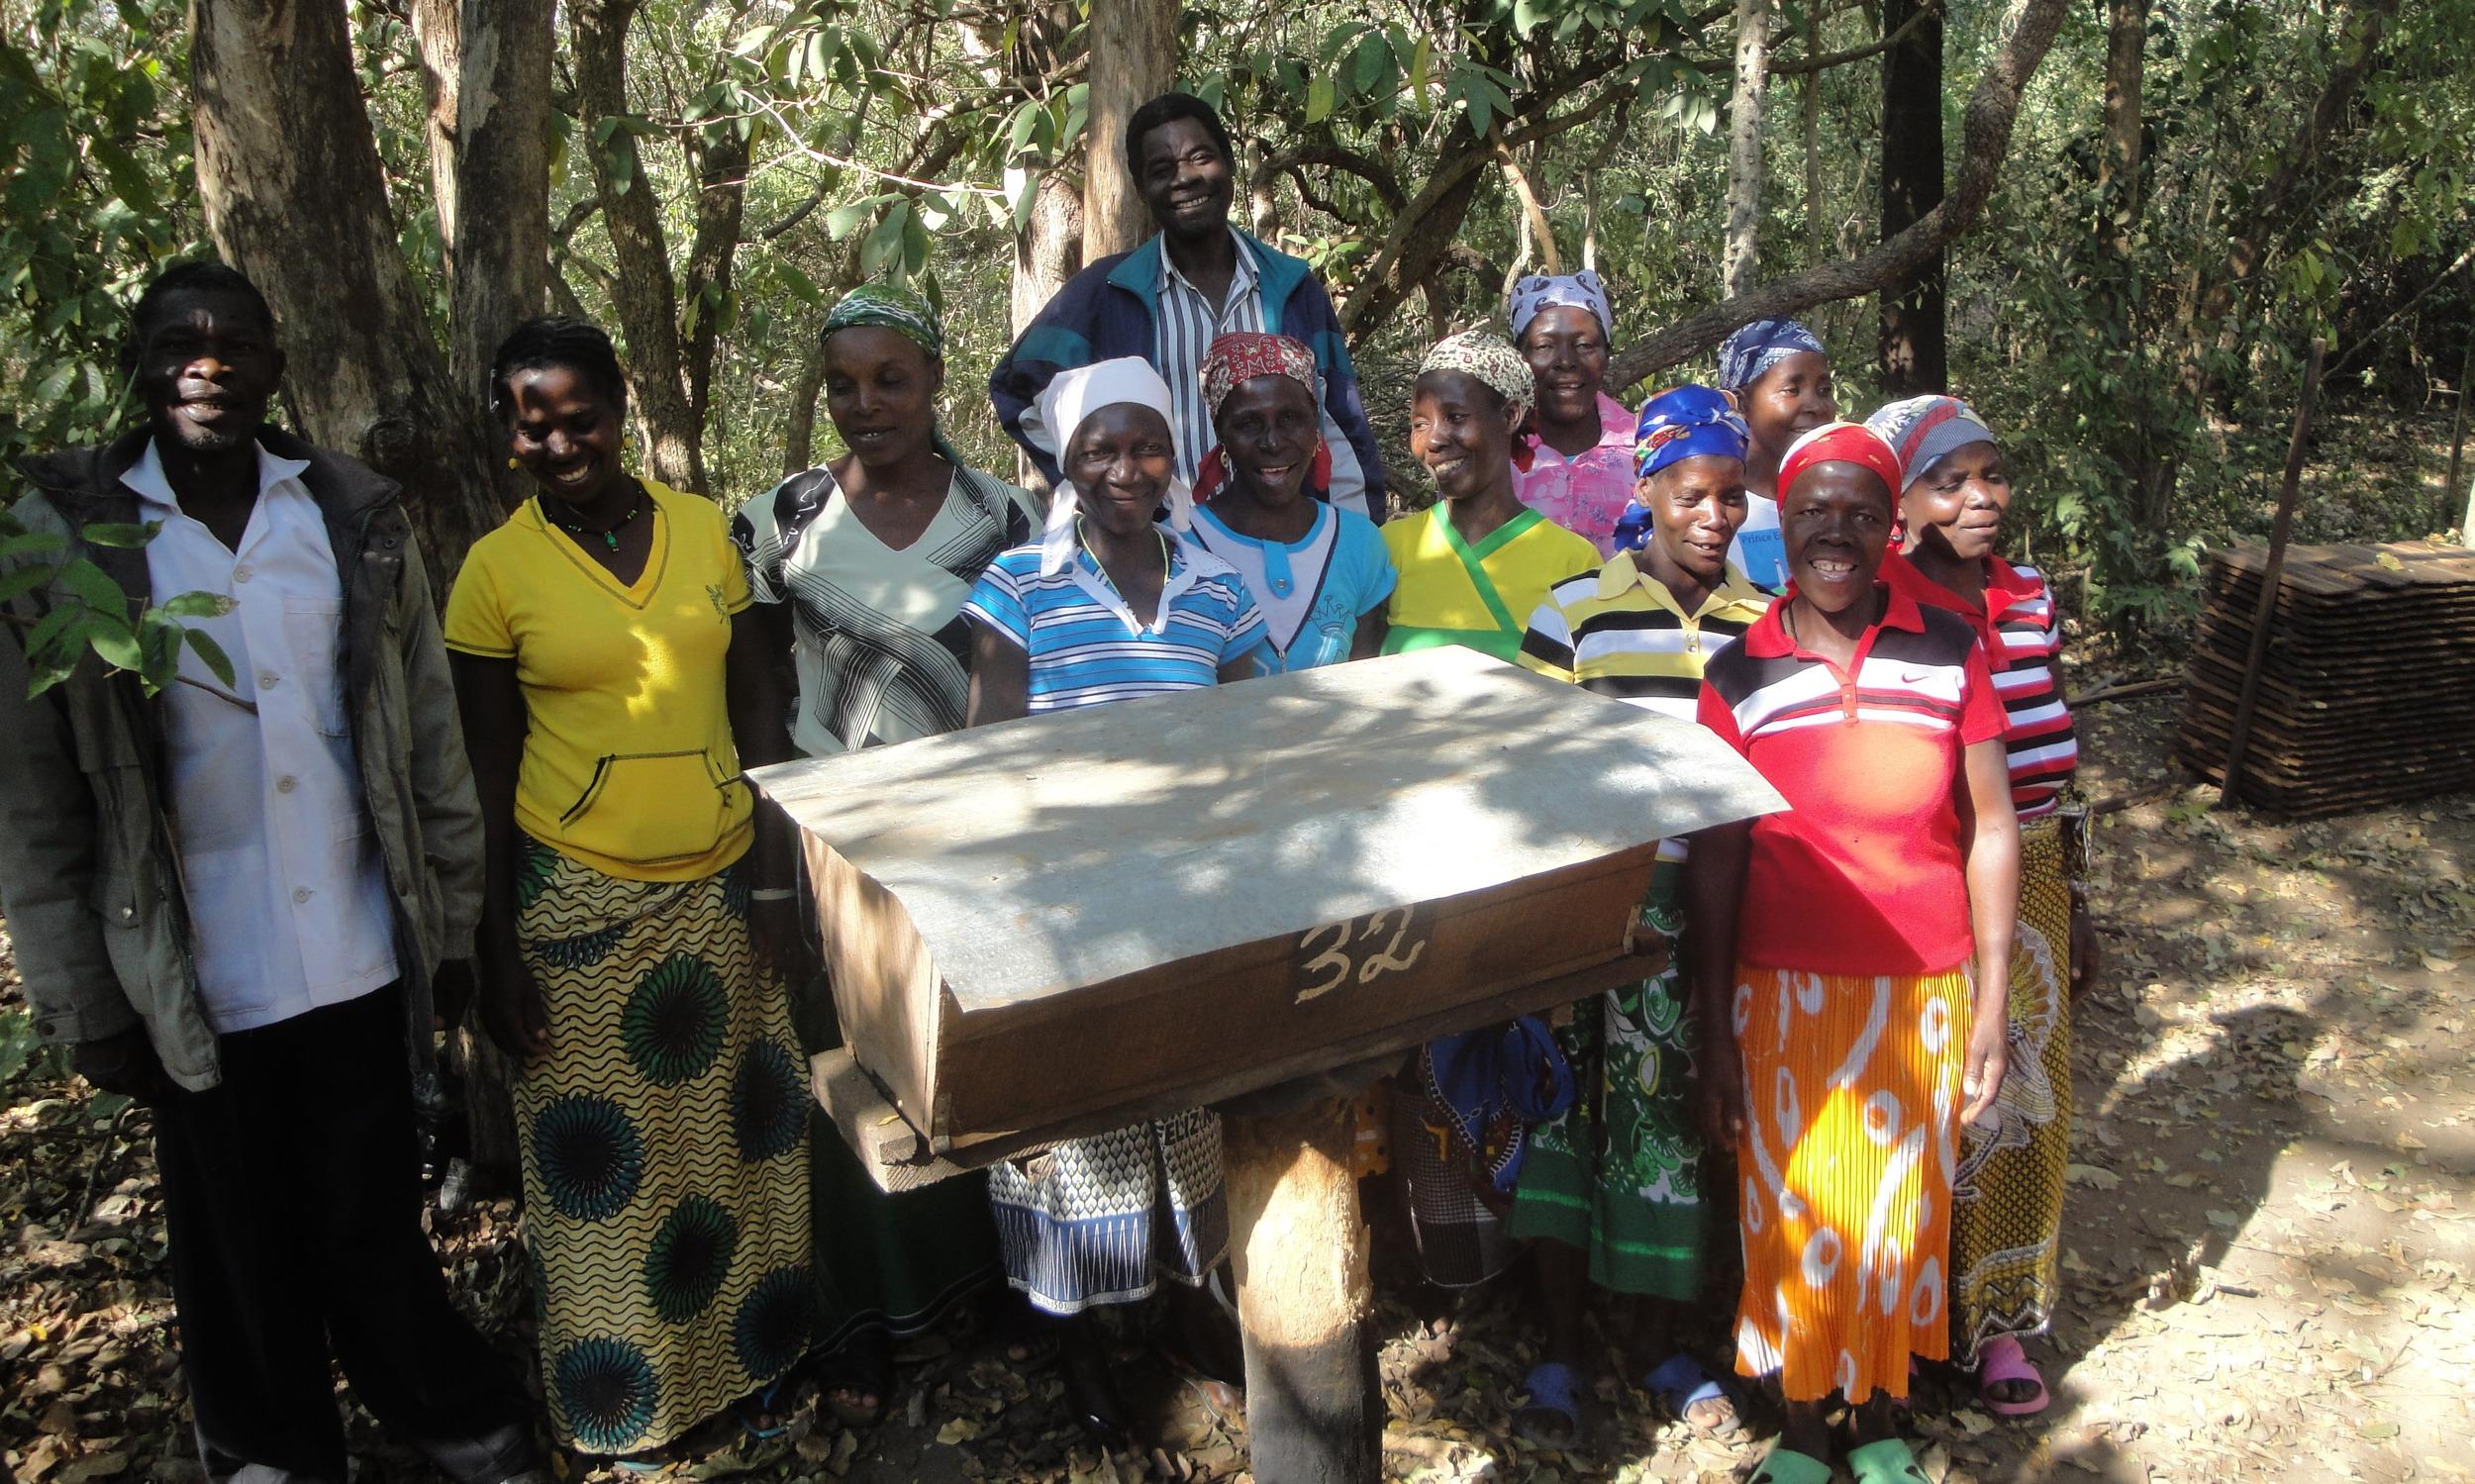 Ensinar as comunidades e vizinhos a trabalharem em conjunto para o bem comum do apiário - Teaching communities and neighbours to work together for the common good of the apiary.